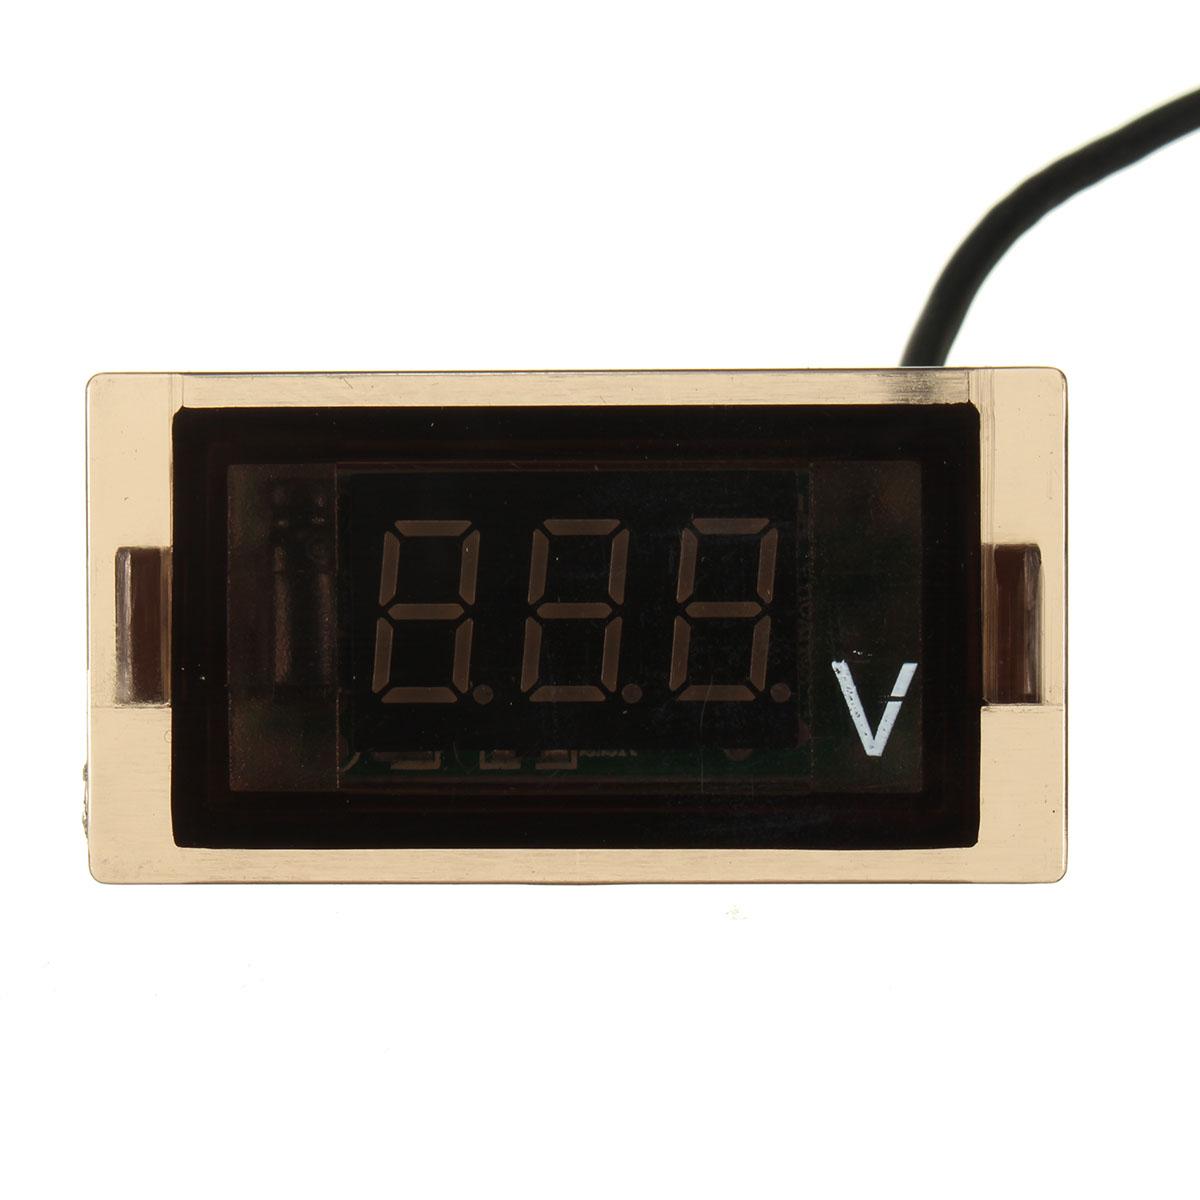 Digital Display Panel : Dc v led digital display panel volt meter voltage